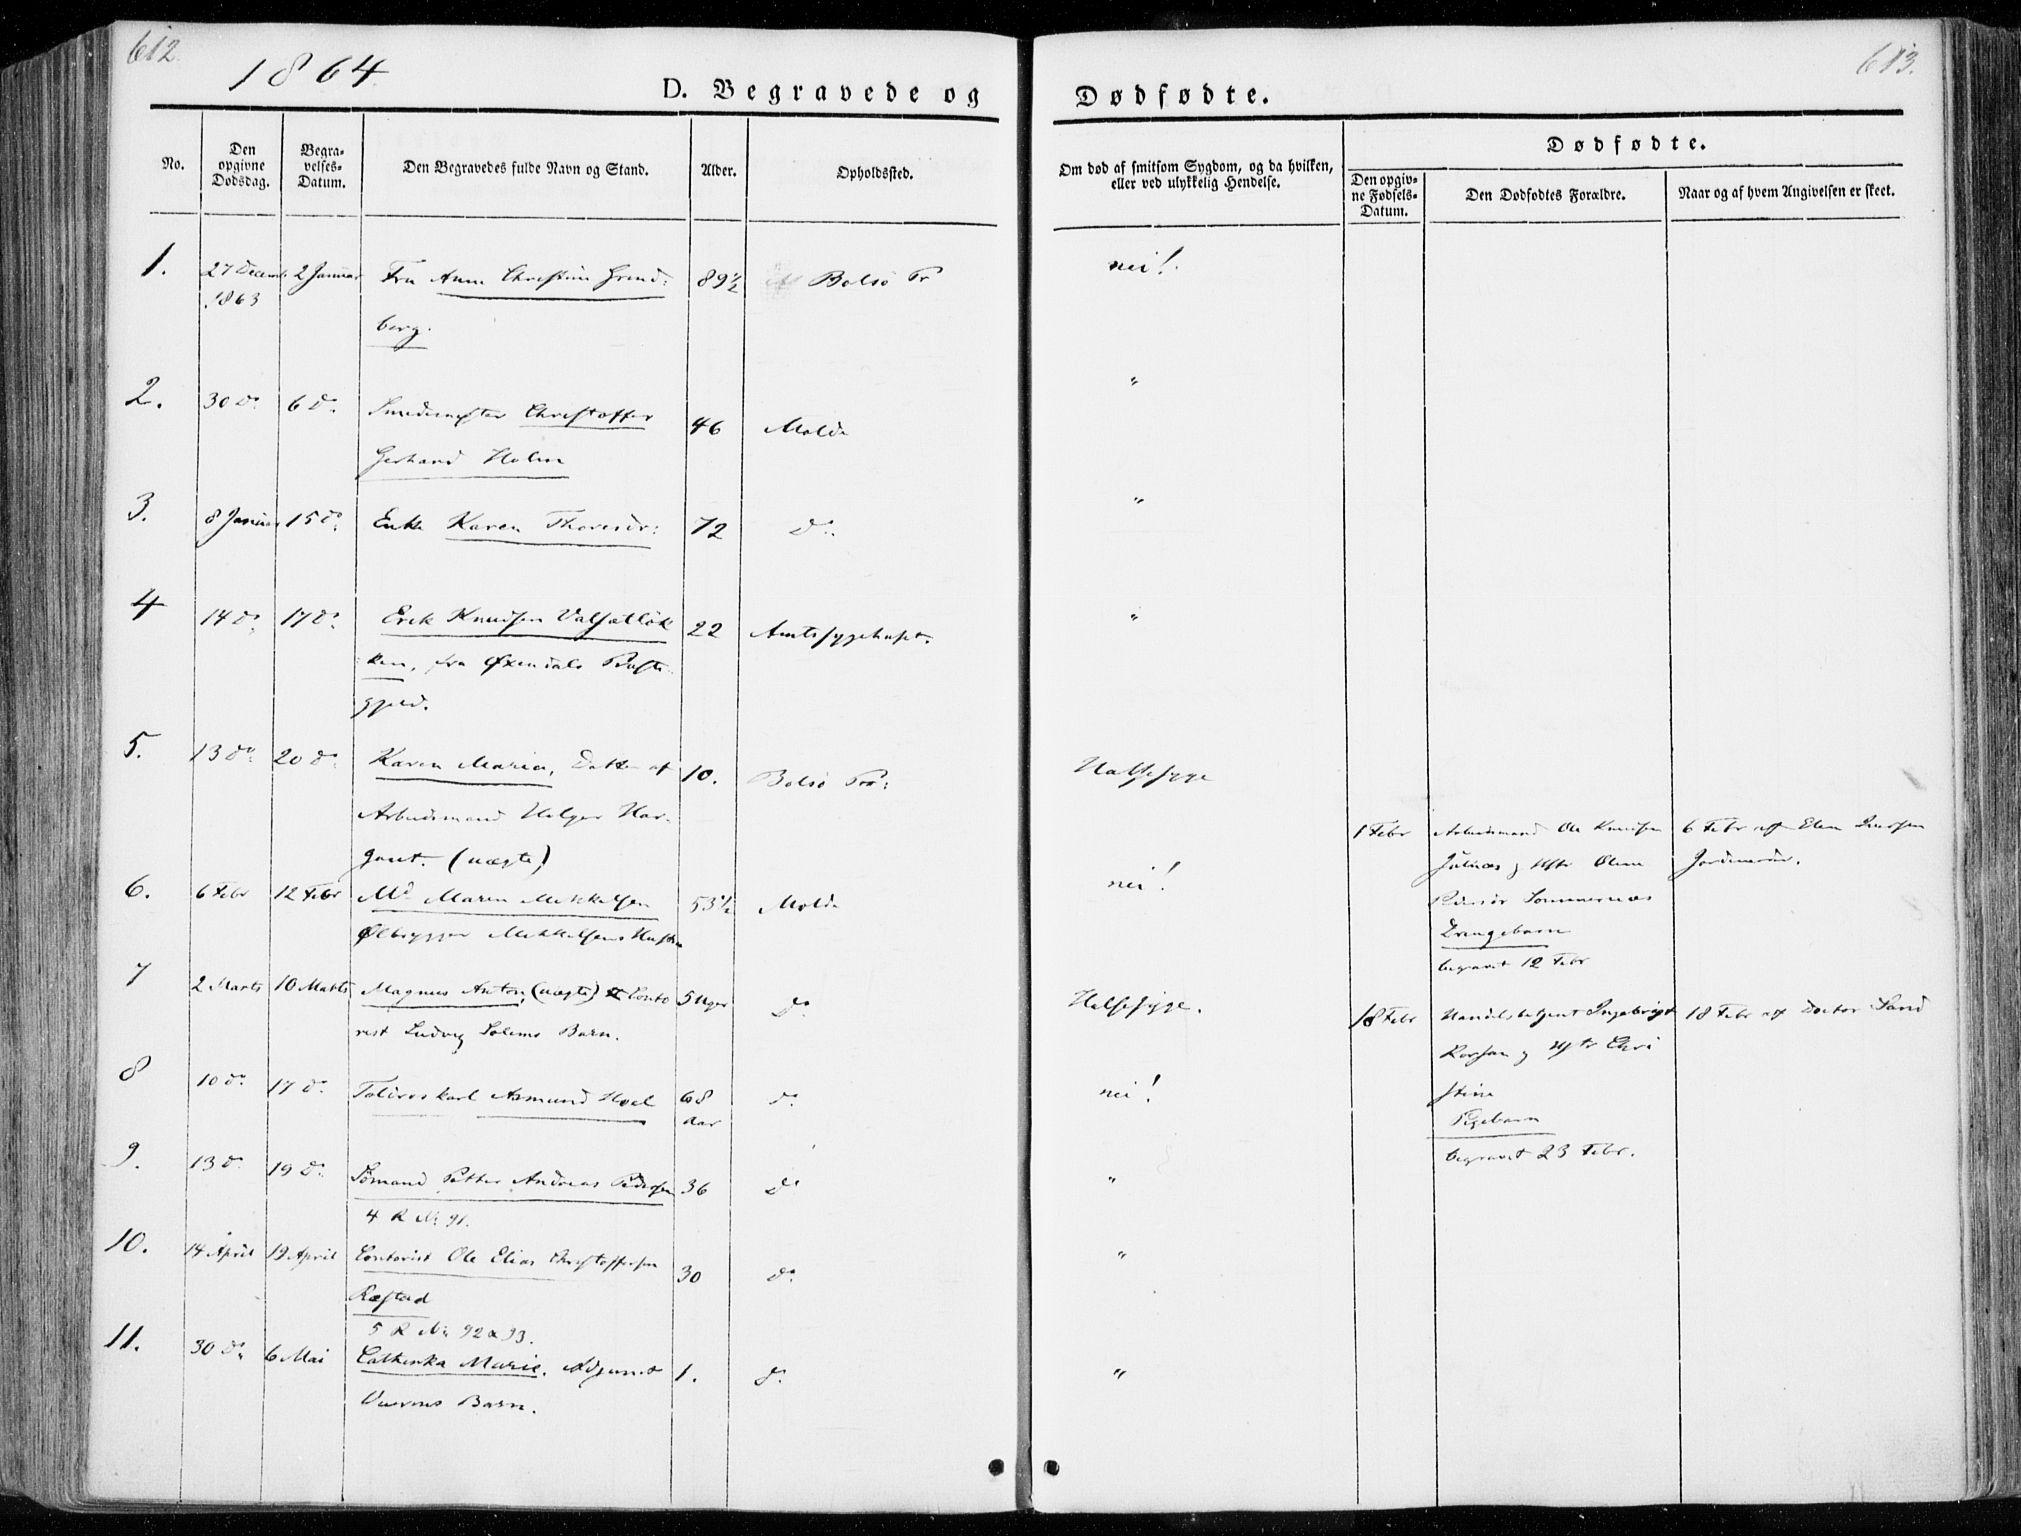 SAT, Ministerialprotokoller, klokkerbøker og fødselsregistre - Møre og Romsdal, 558/L0689: Ministerialbok nr. 558A03, 1843-1872, s. 612-613